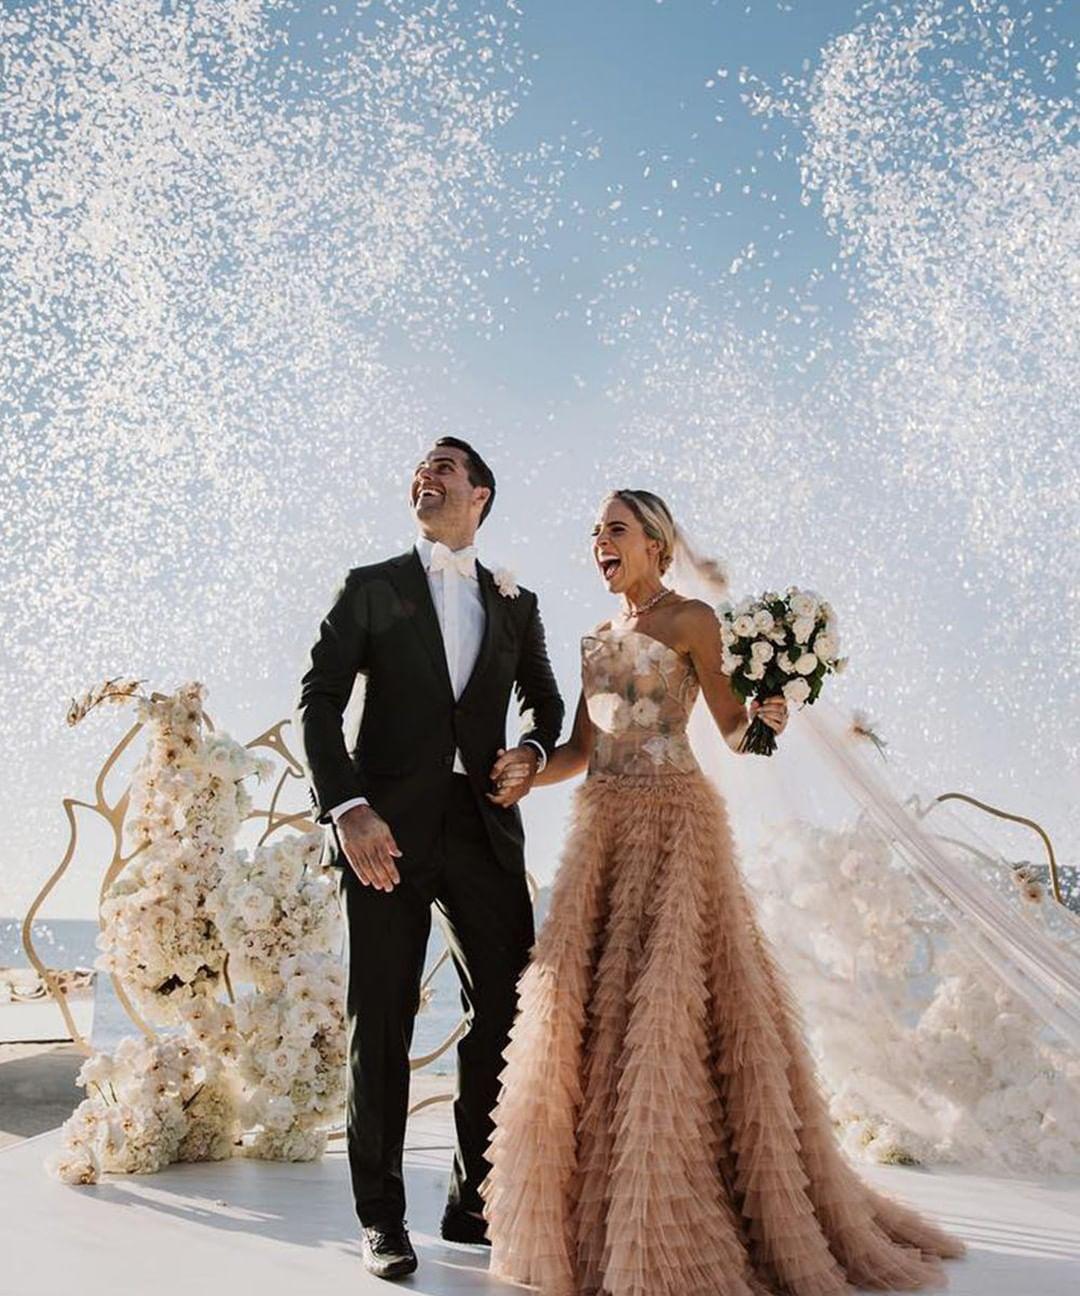 Glamourgermany Immer Mehr Brautpaare Entscheiden Sich Fur Sogenannte Elopement Weddings Auf Deutsch Bedeutet Der Begriff So Viel Braut Brautpaar Heiraten